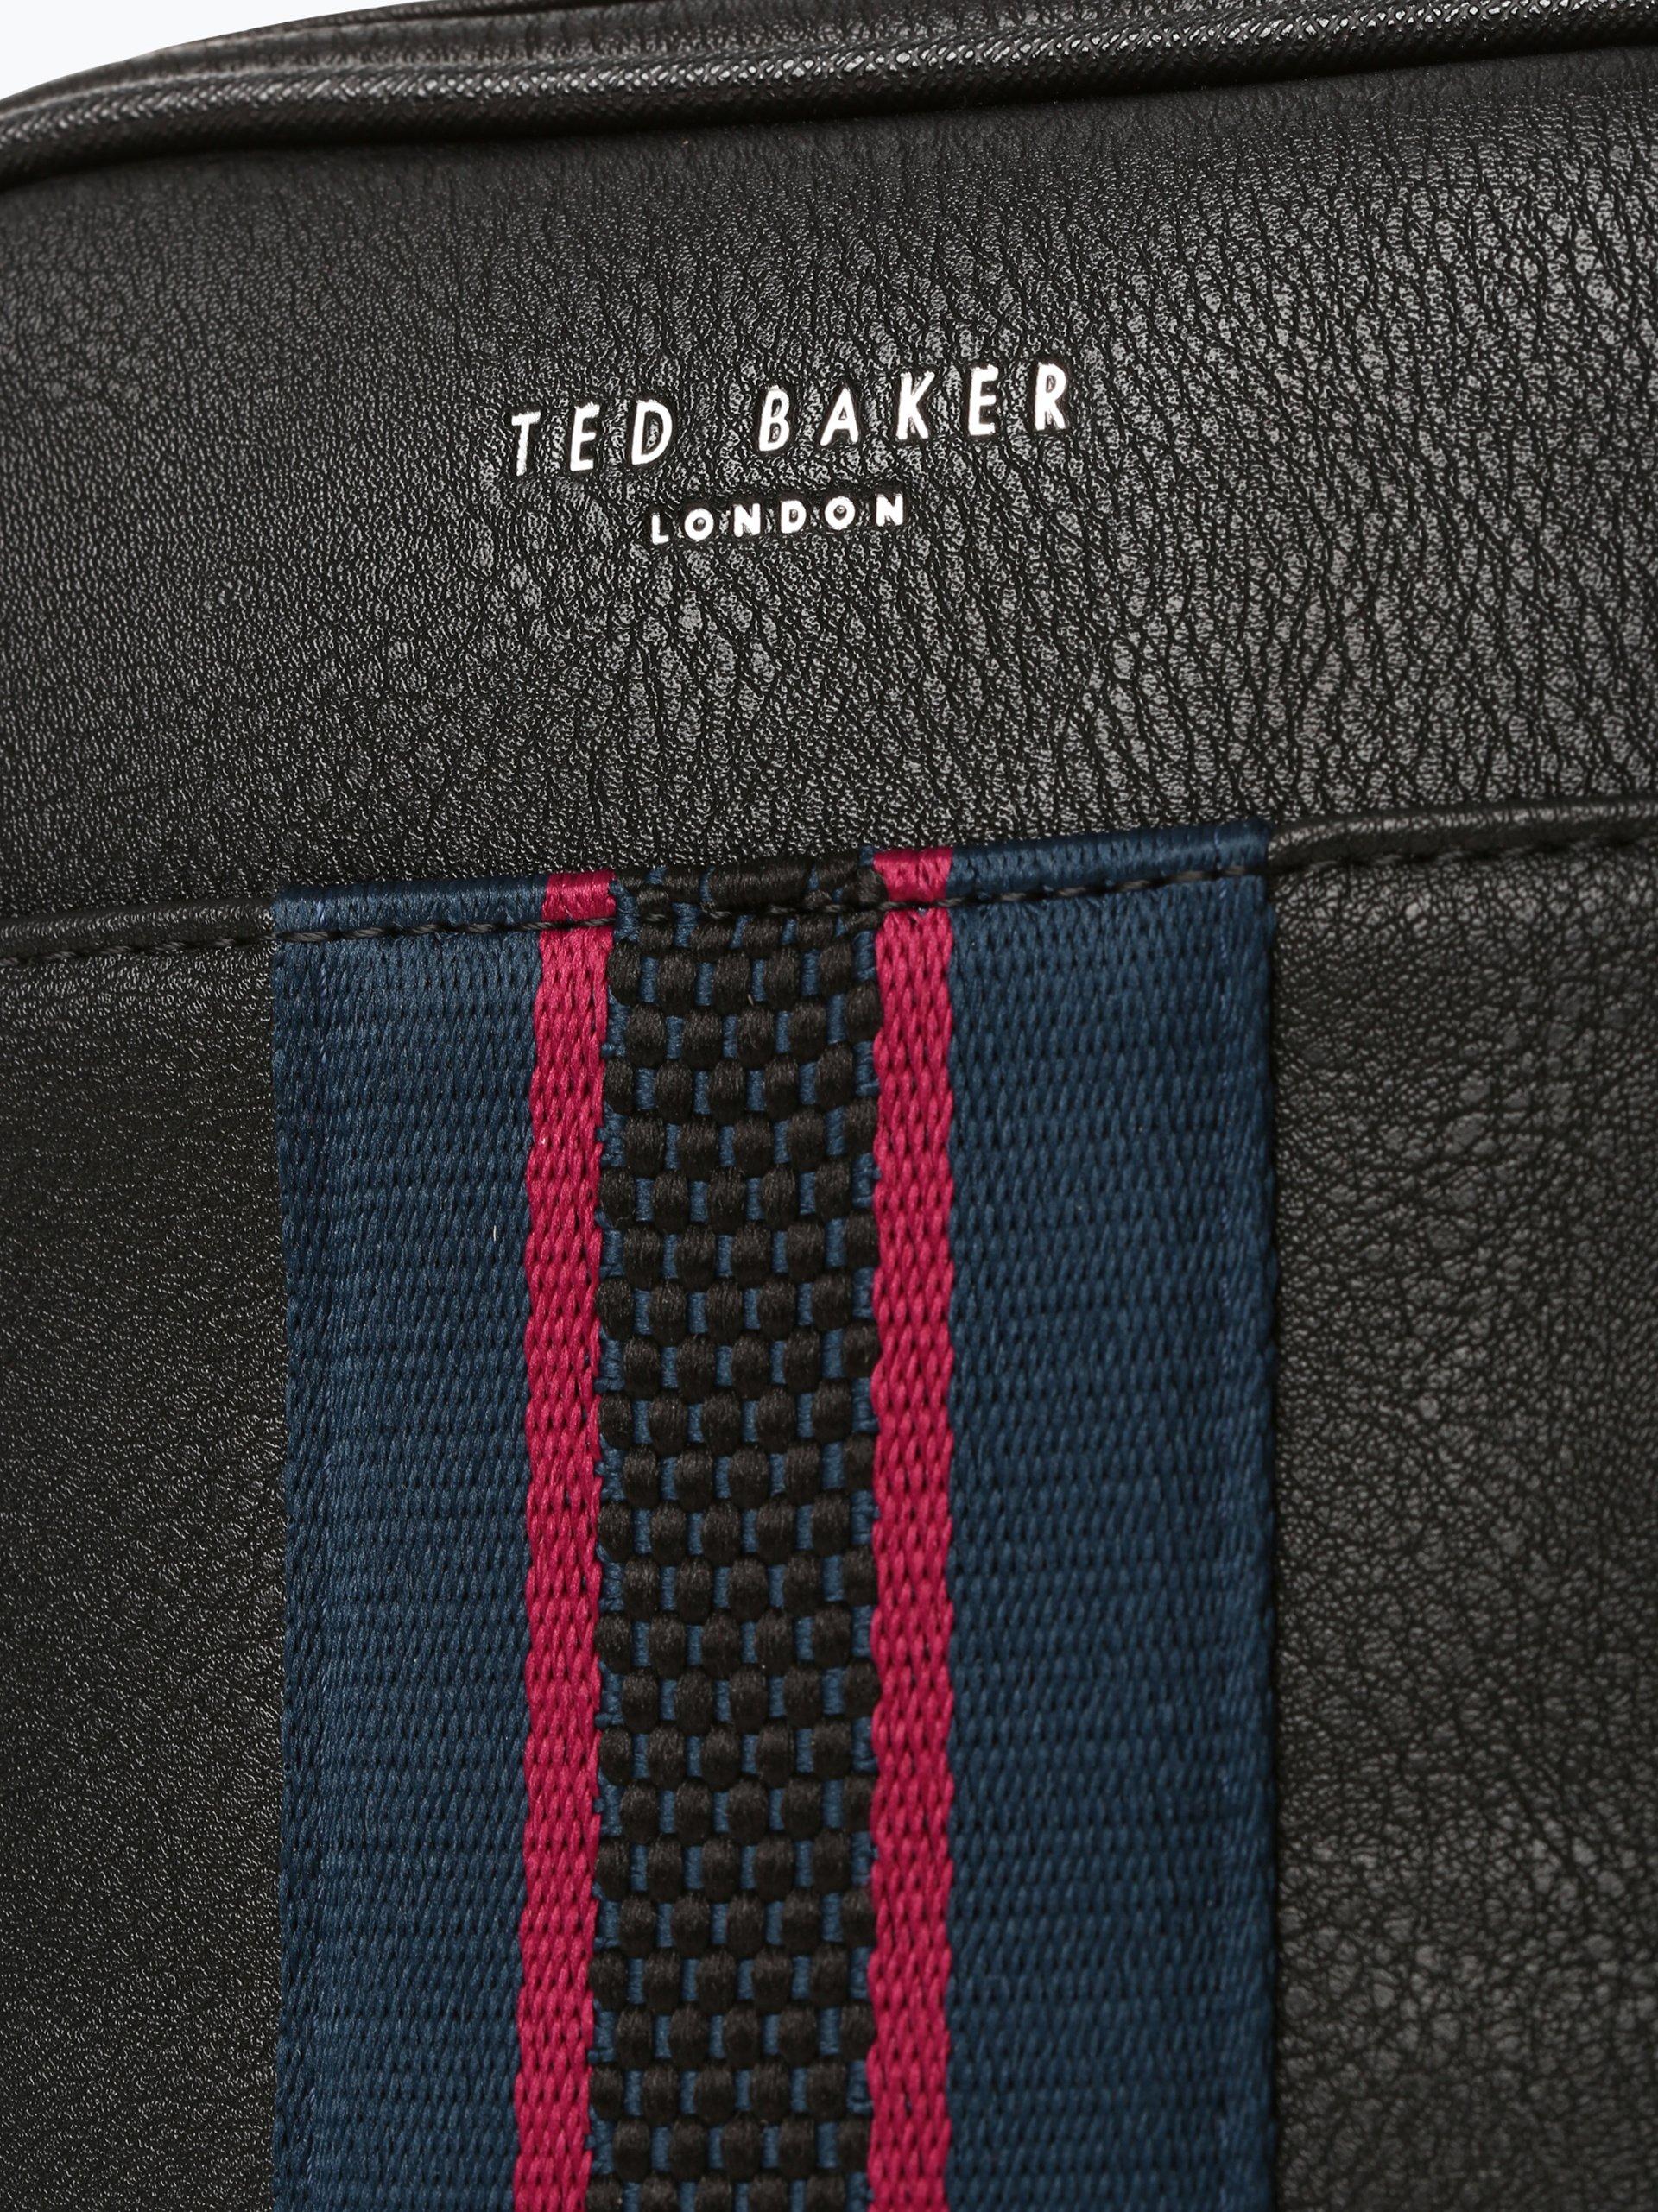 Ted Baker Herren Umhängetasche